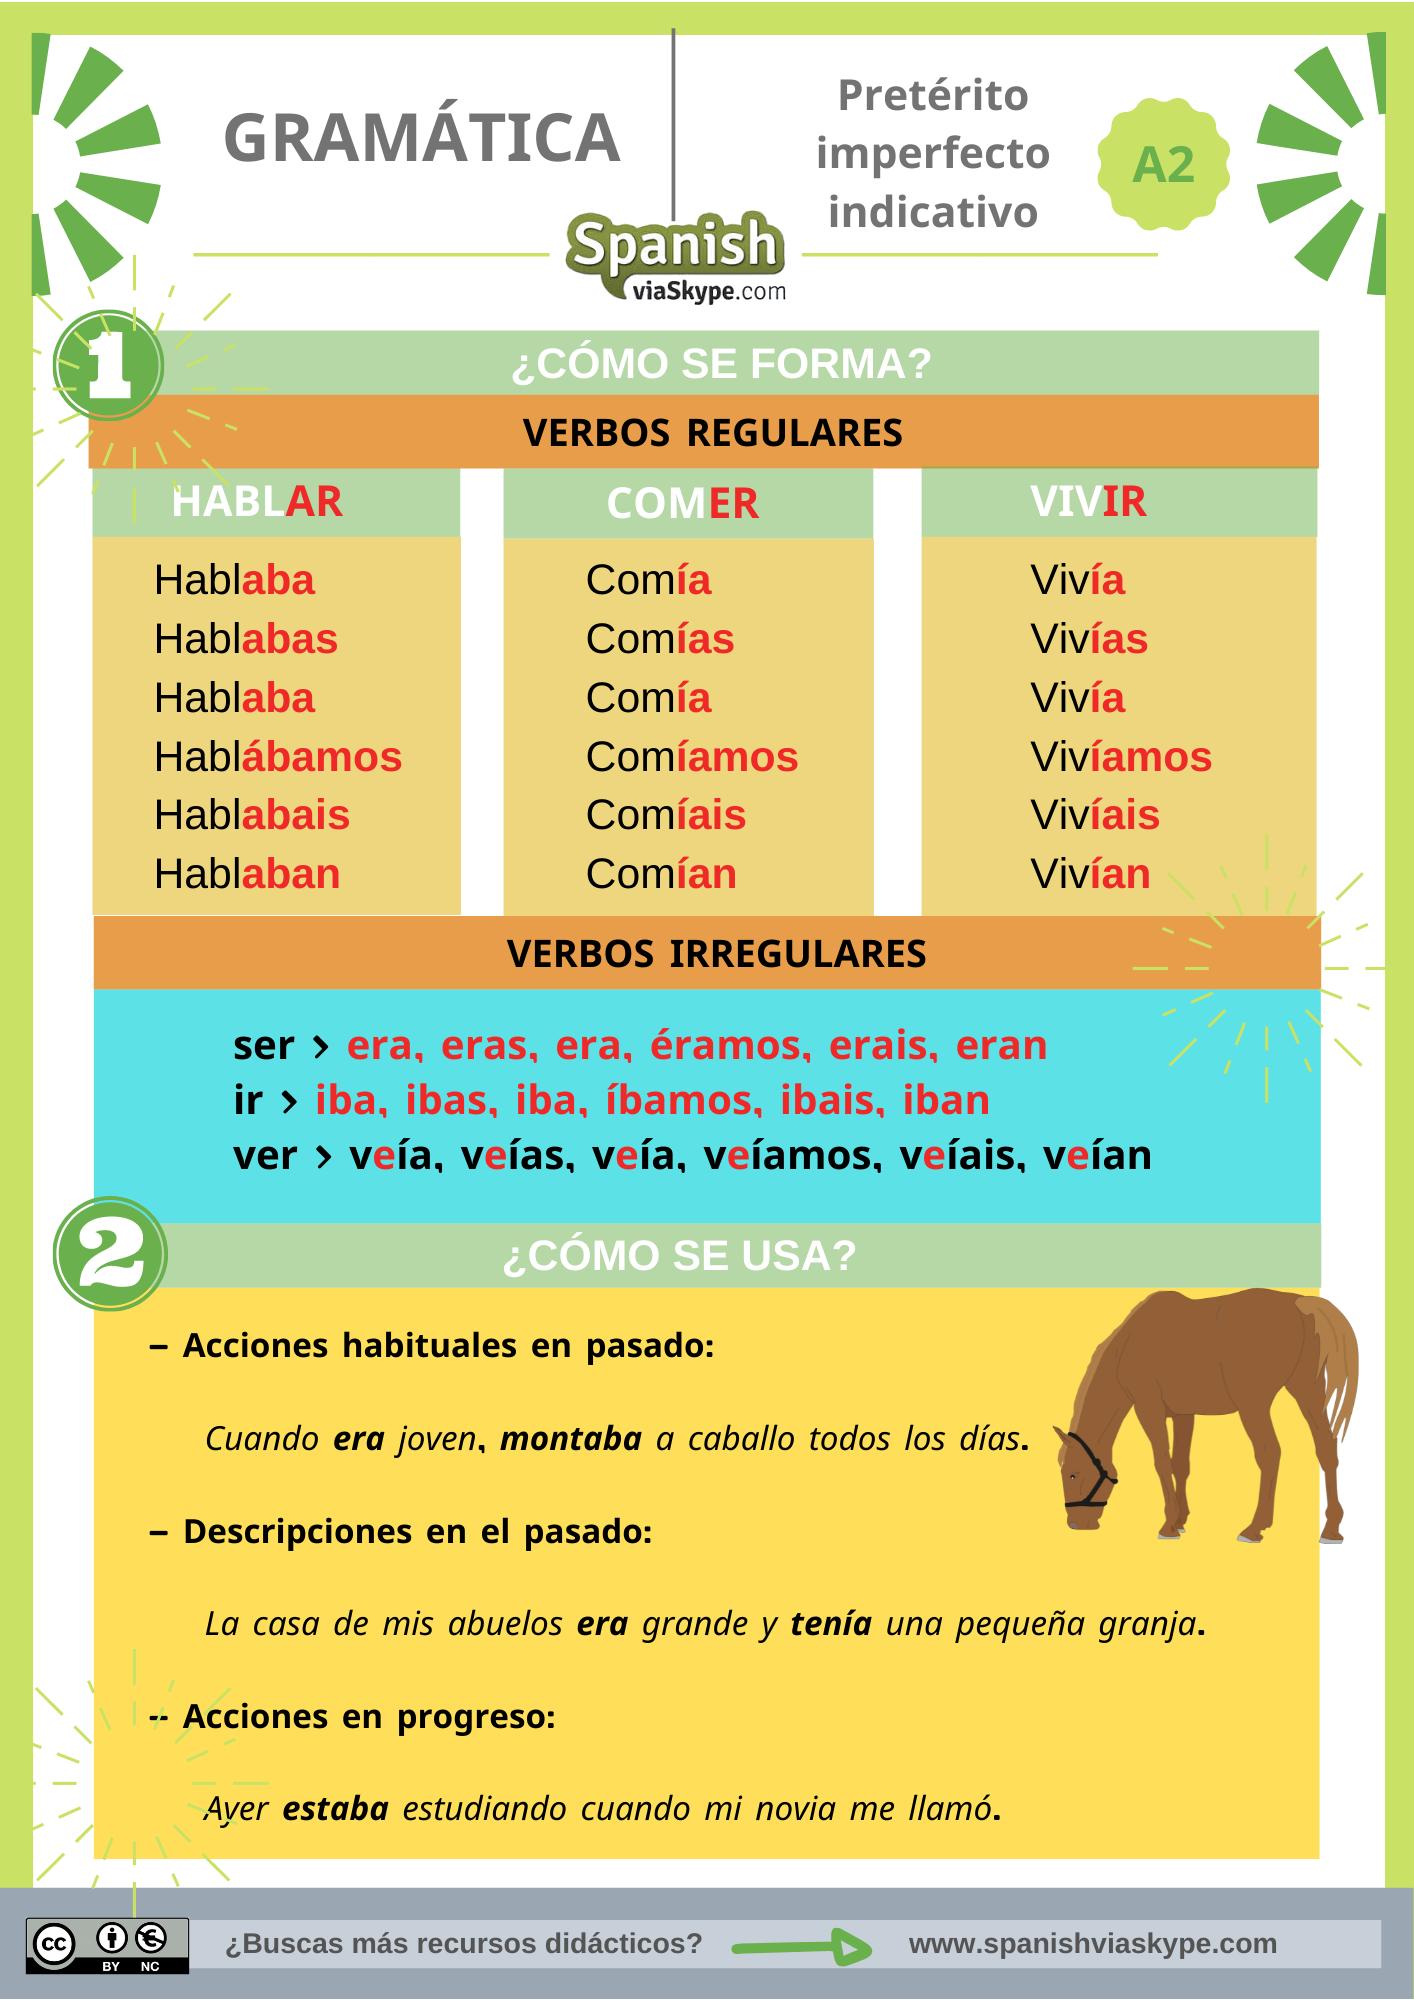 Infografía sobre el pretérito imperfecto de indicativo en español